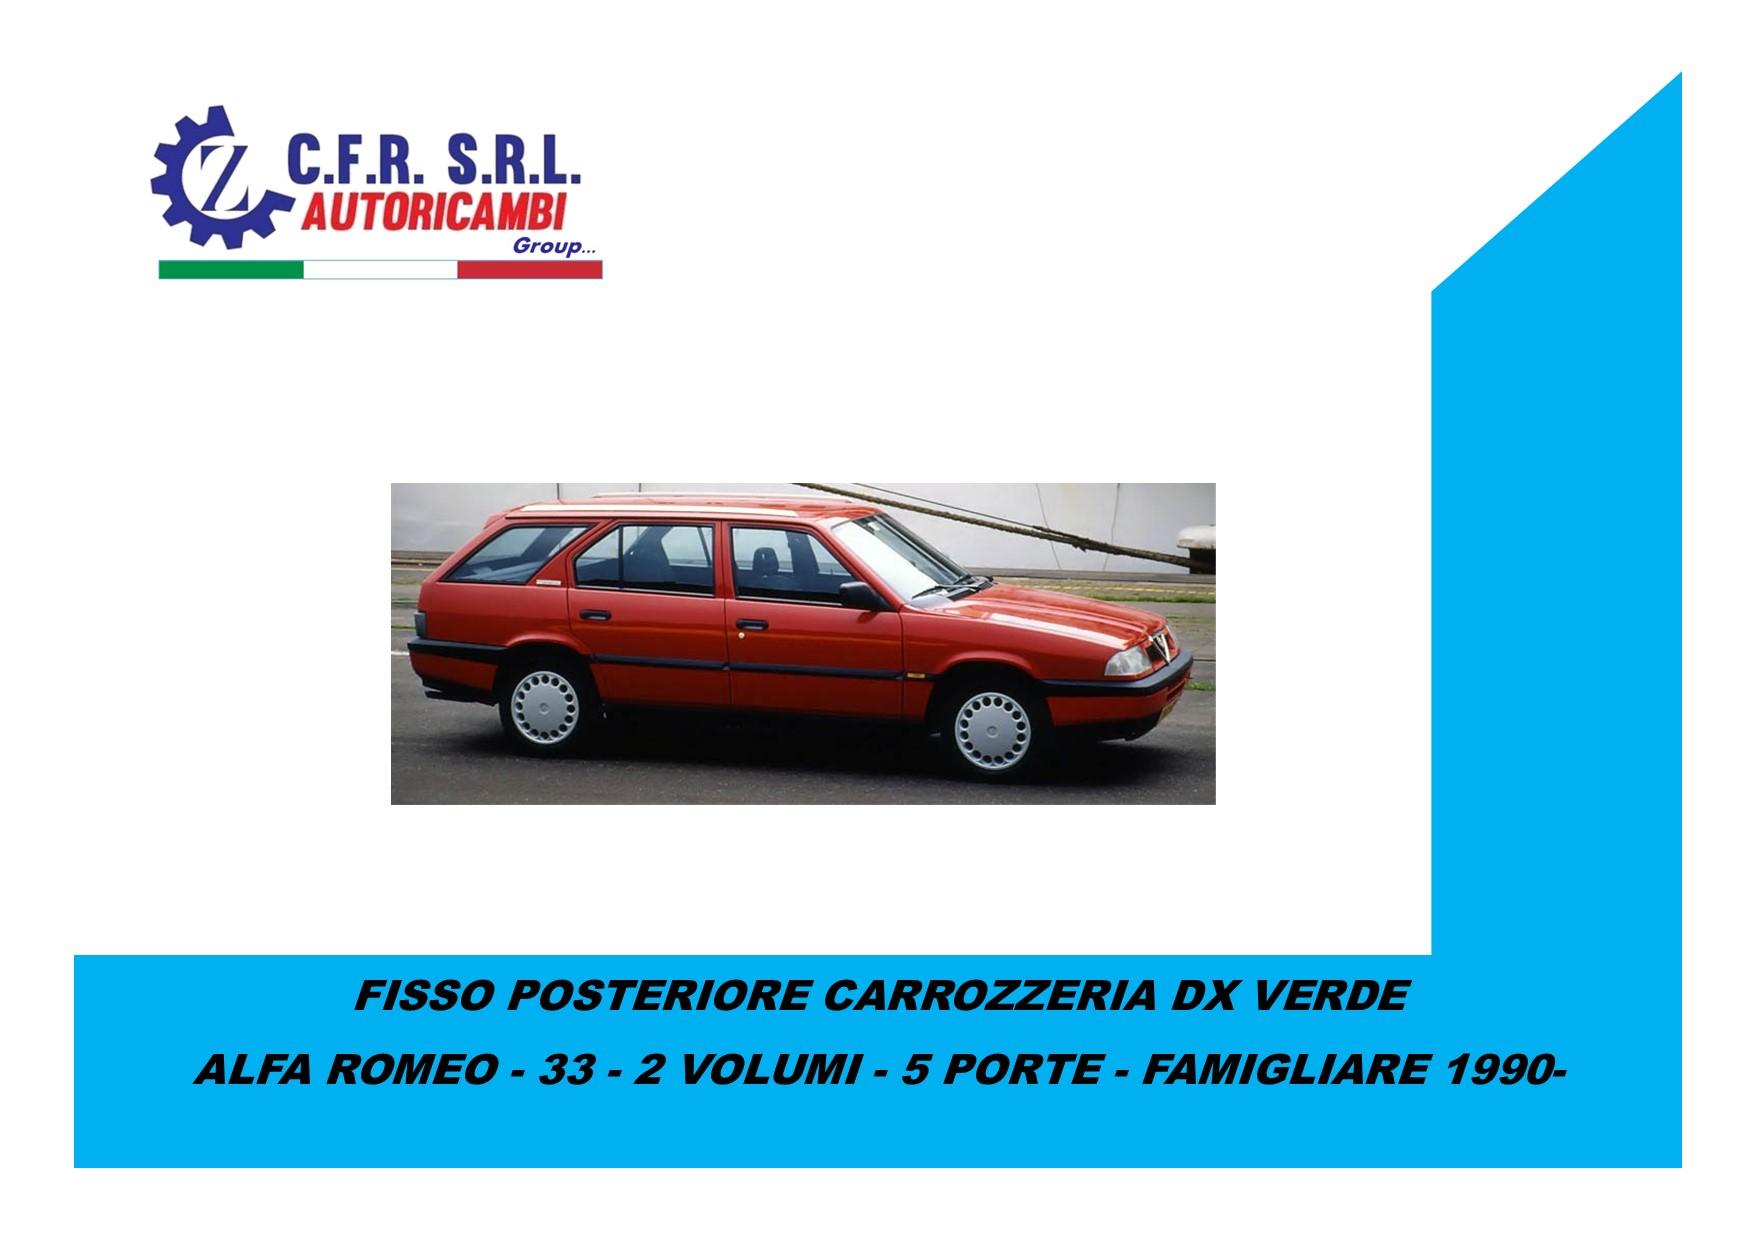 FISSO POSTERIORE CARROZZERIA DX VERDE PER ALFA ROMEO 33 FAMIGLIARE 5 PORTE 1983-1989